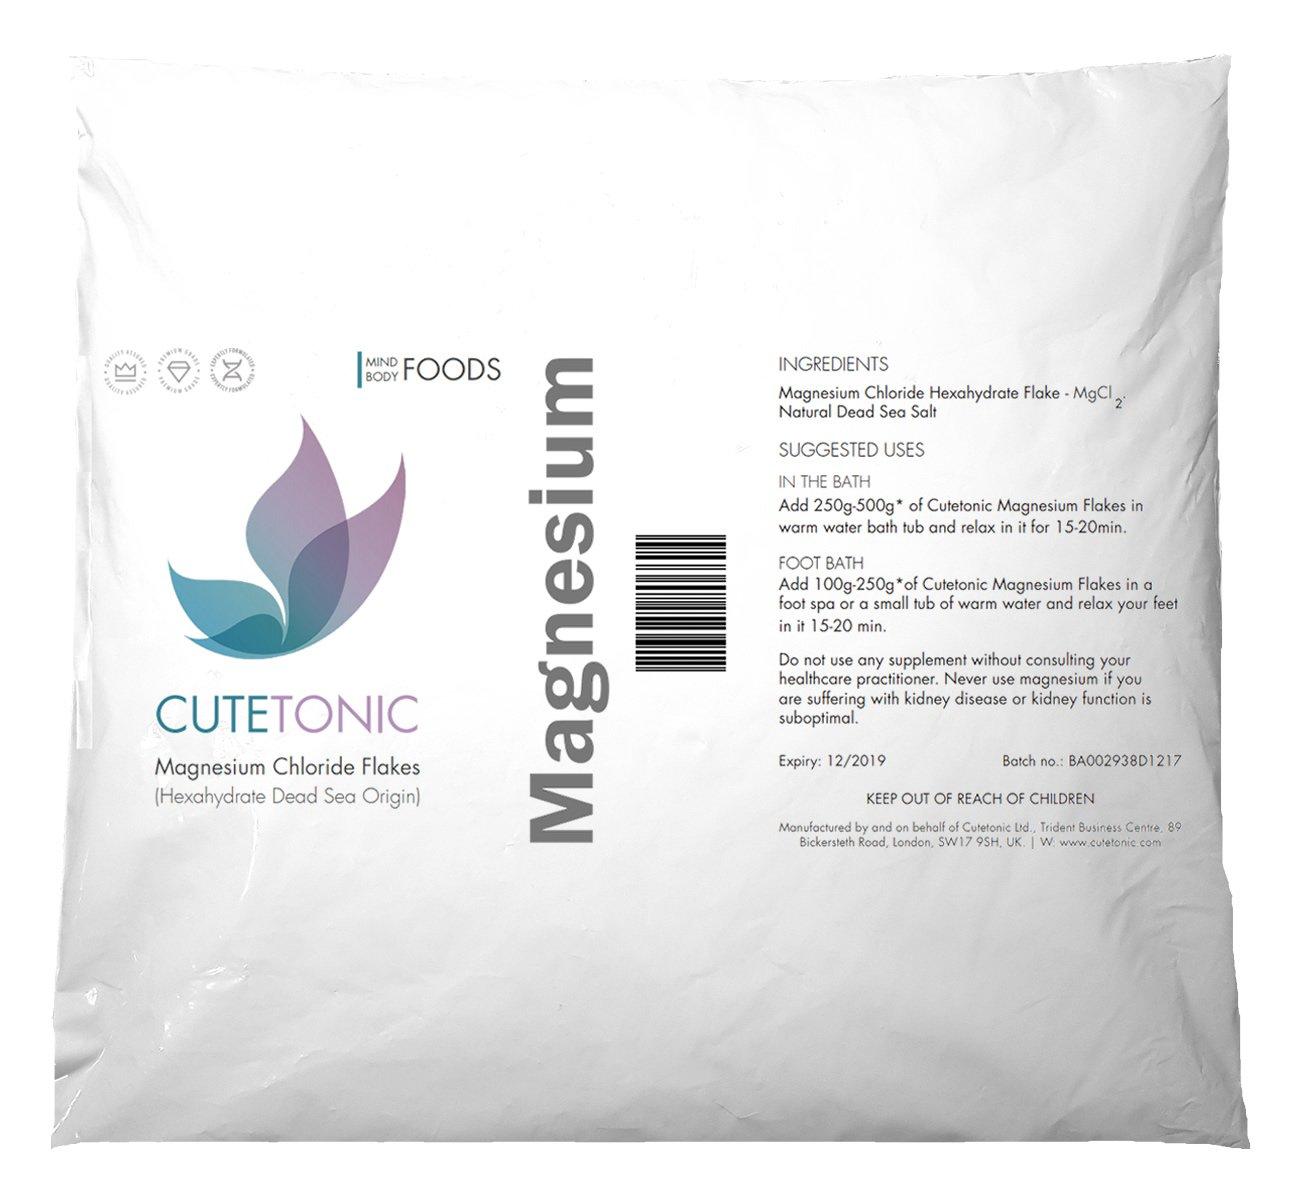 Cutetonic Hojas de cloruro de magnesio (Magnesium Chloride Flakes) ultra puro, origen del mar muerto (en bolsa) (2KG): Amazon.es: Salud y cuidado personal